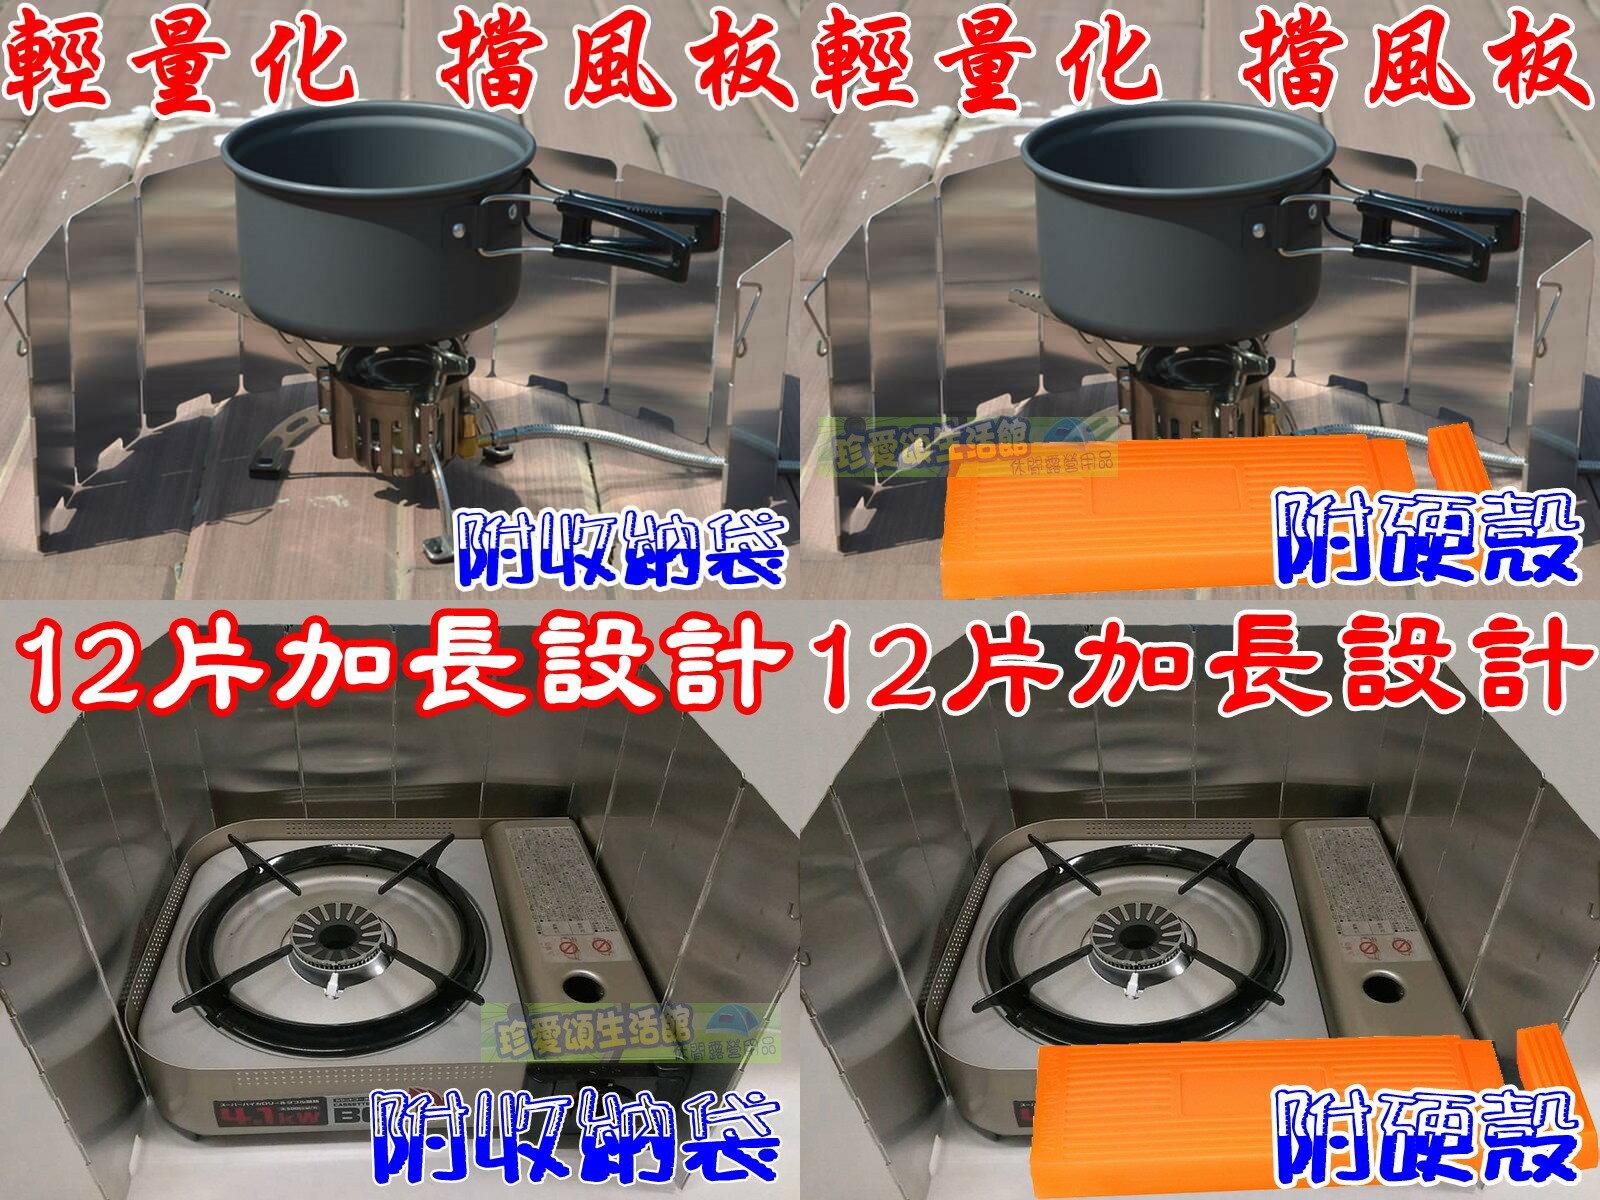 【珍愛頌】A288 鋁合金擋風板 帶插銷 10片 12片 袋裝盒裝 四款可選 擋風片 戶外爐具 防風板 CB-AH-41 4.1Kw 岩谷